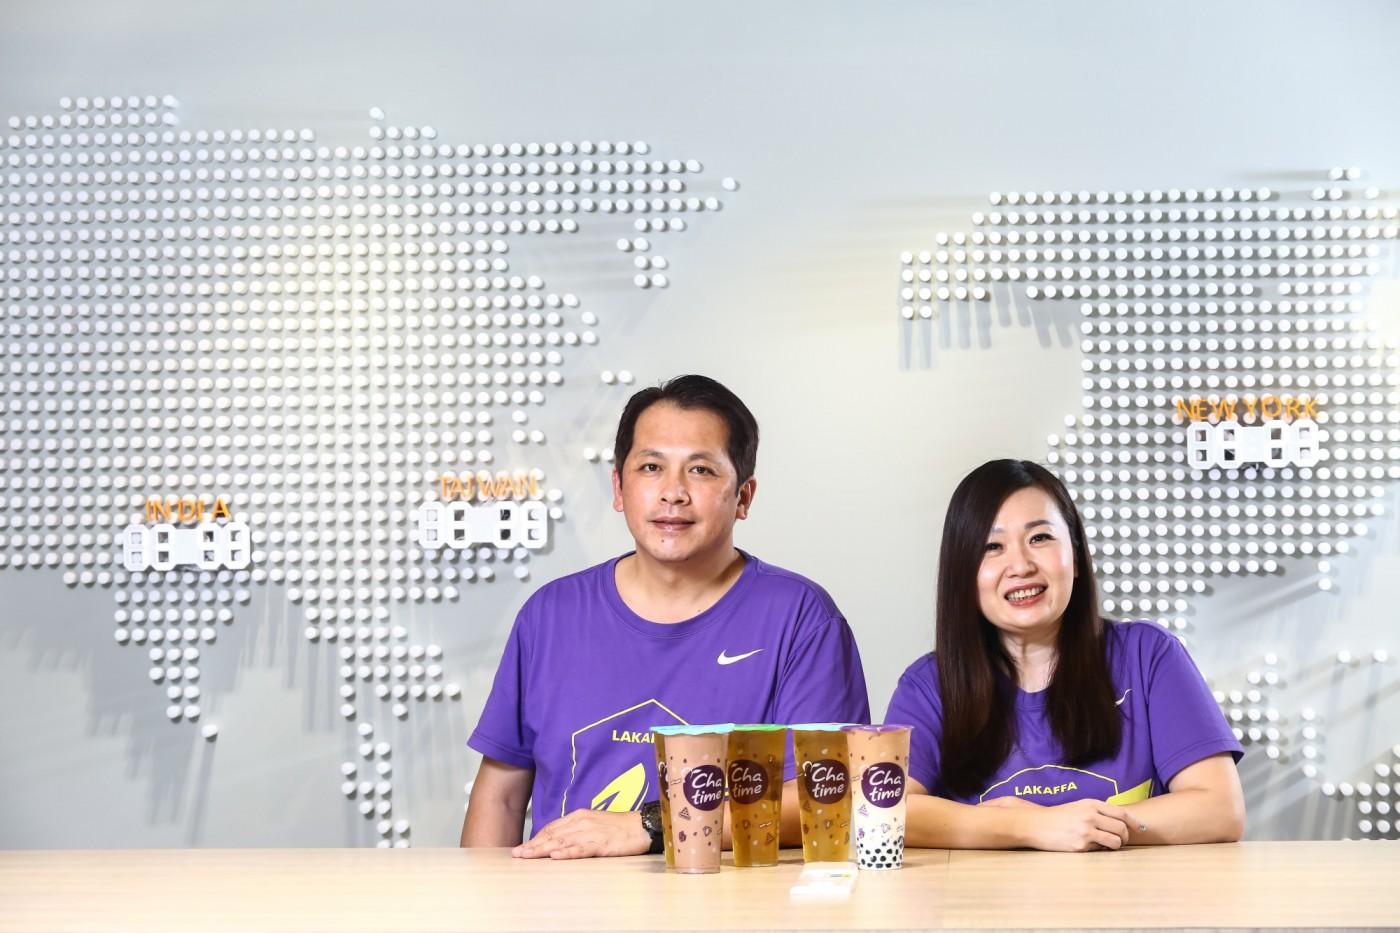 《產業領袖觀點》日出茶太再進化!六角董事長王耀輝:2020破3,800家門市,打造國際餐飲品牌平台